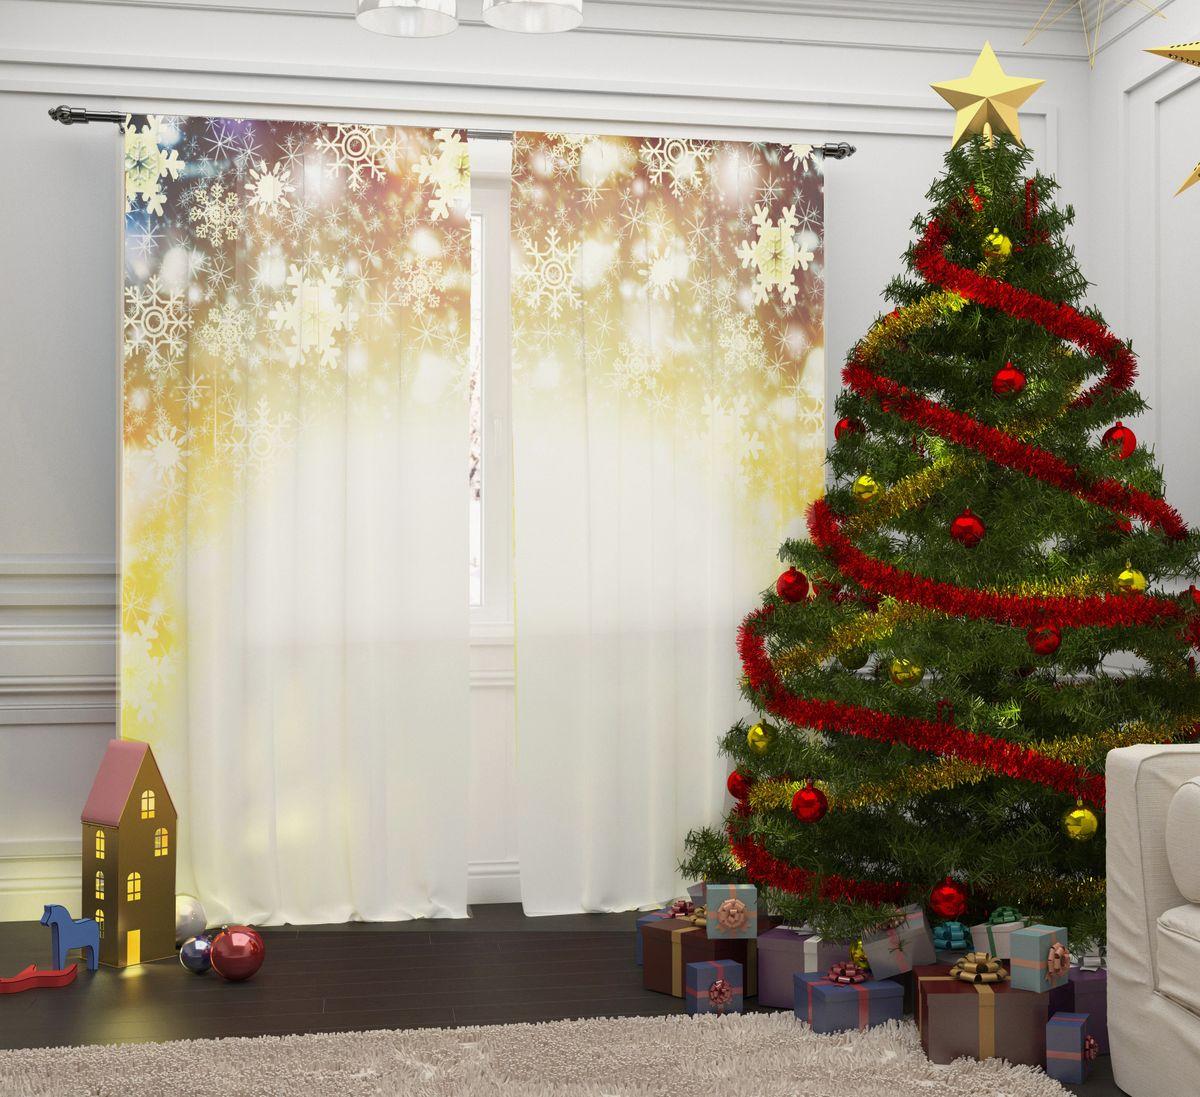 Комплект фототюлей Сирень Снежинки в ярких огнях, на ленте, высота 260 см07096-ФТ-ВЛ-001Перед новогодними праздниками каждая хозяйка или хозяин хотят украсить свой дом. Комплект фототюлей Сирень Снежинки в ярких огнях - оригинальное решение, которое позволит украсить ваше окно отличным рисунком с новогодней тематикой. Он выполнен из легкой парящейвуали. Новогодняя фототюль Сирень станет отличным подарком на Новый год. Подарите радость праздника себе и вашим близким людям!